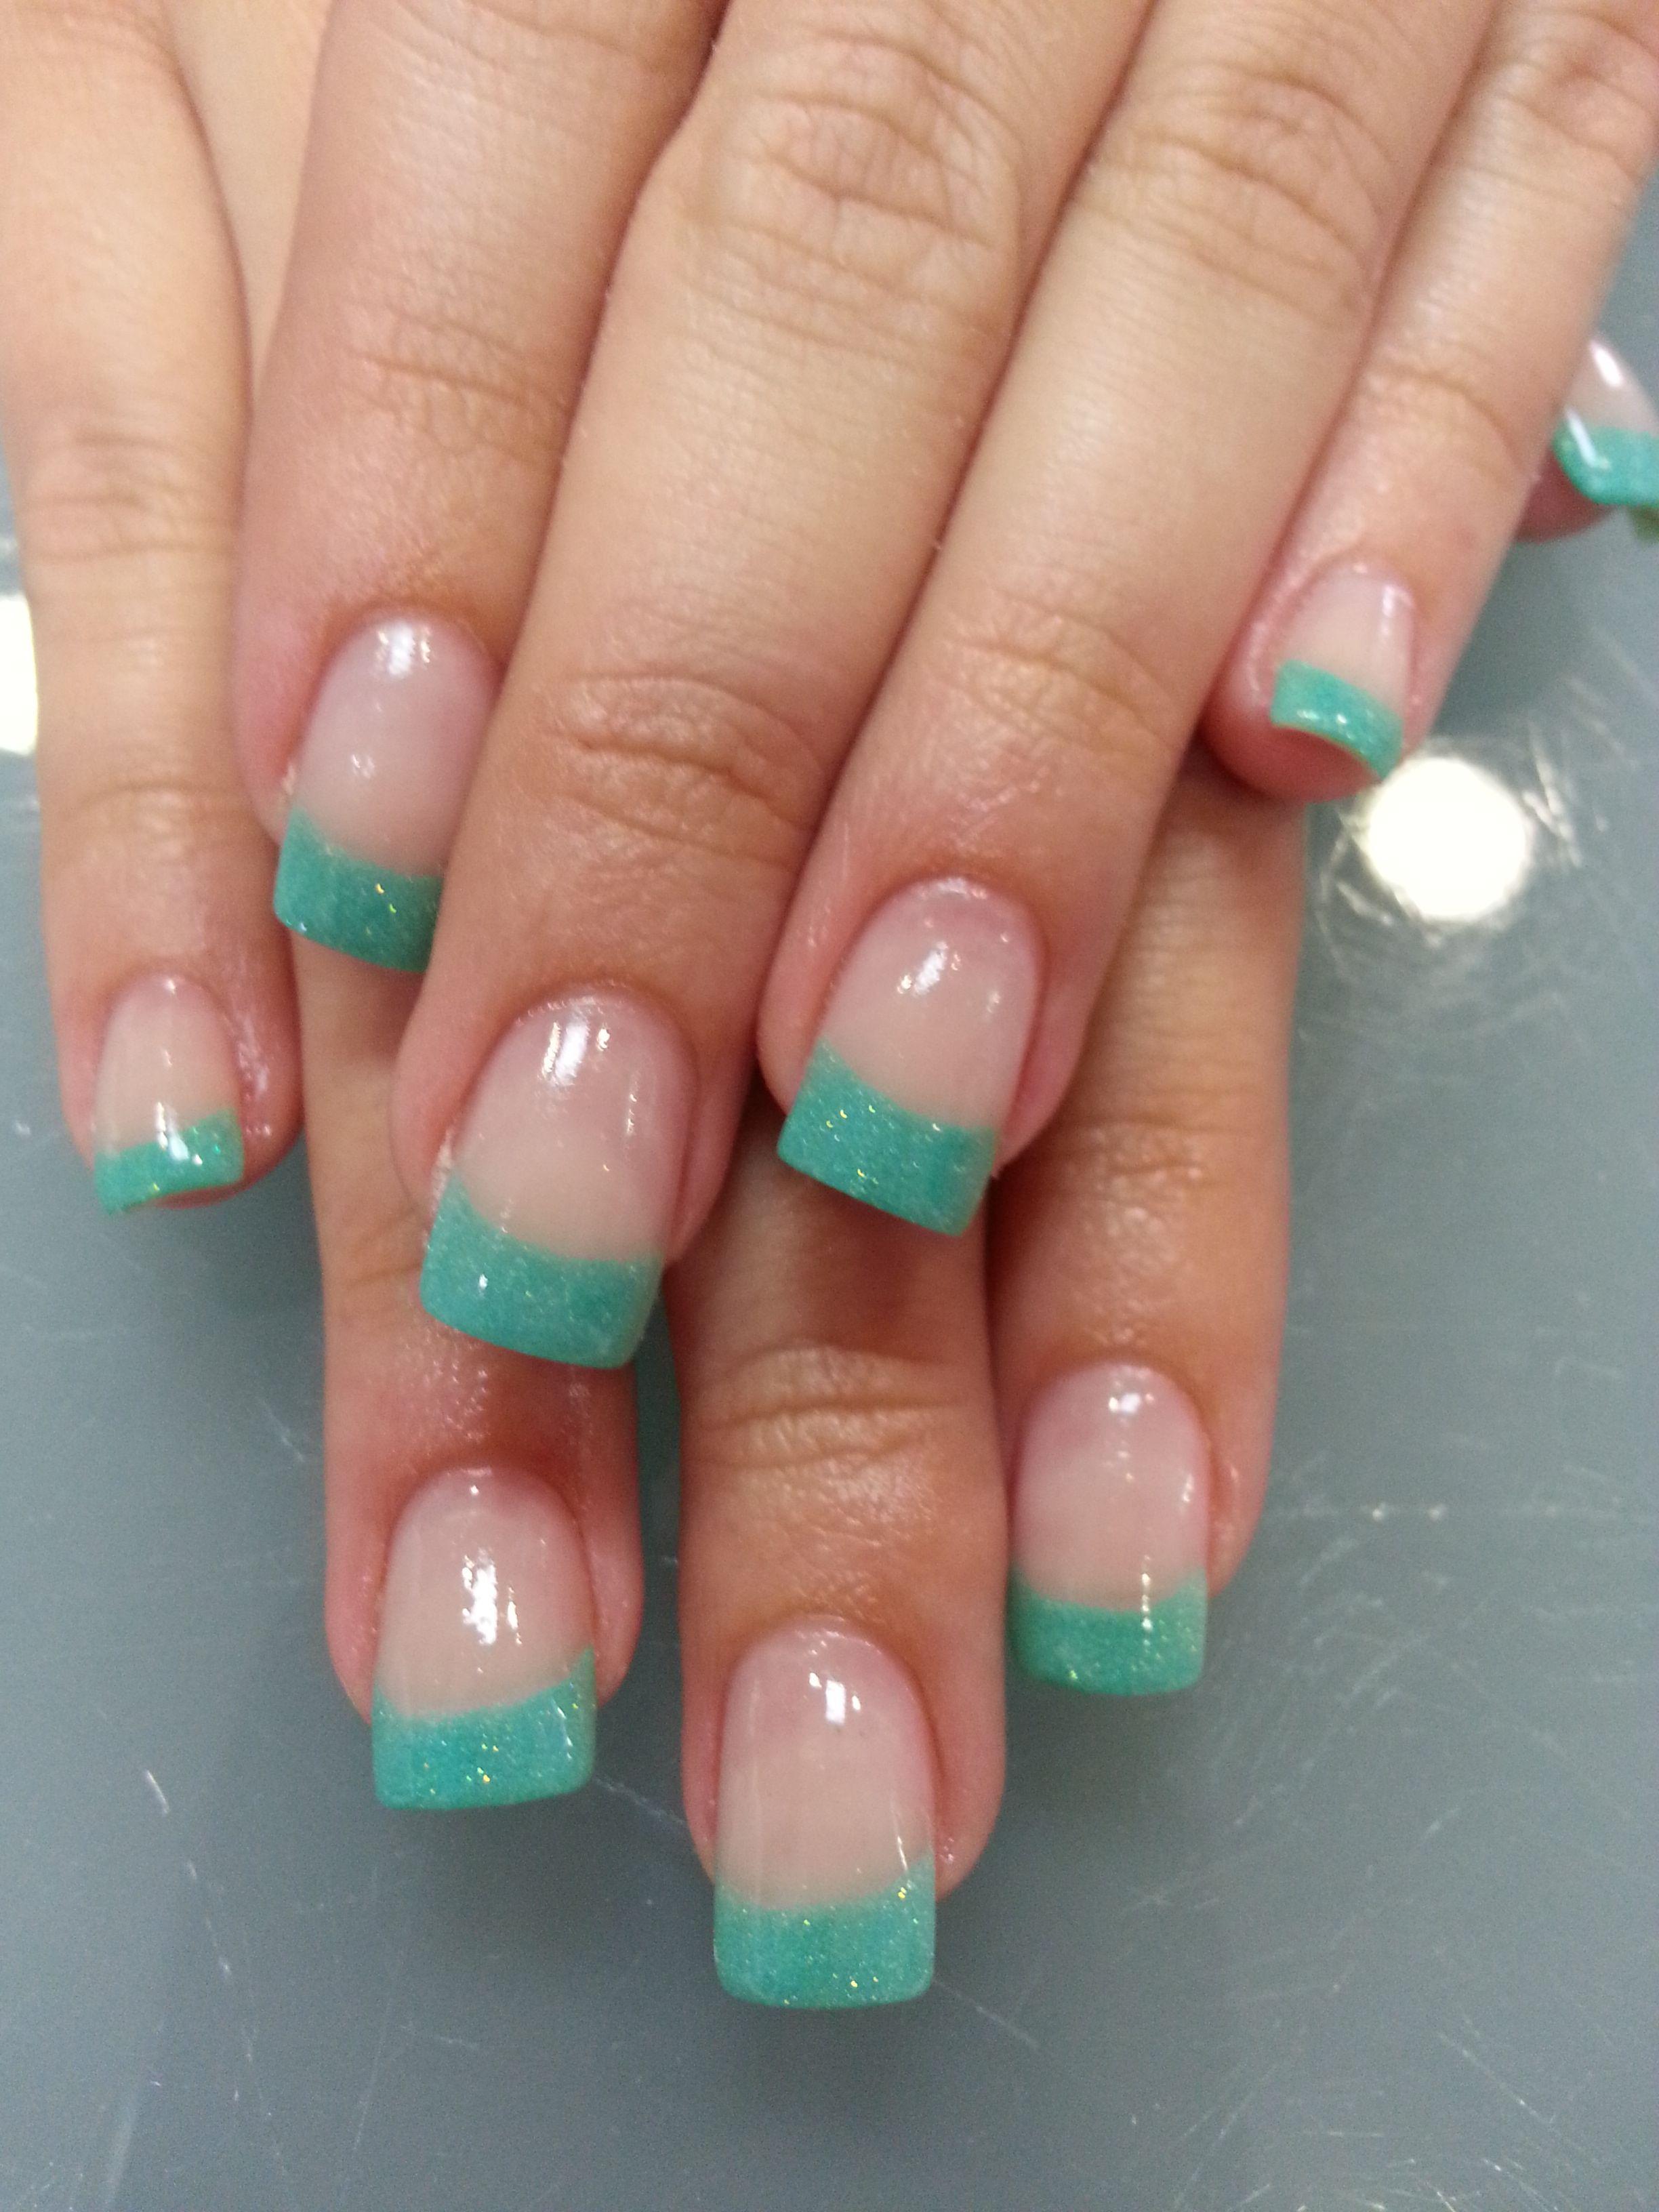 Uñas acrílicas decoradas con manicura francesa en tono turquesa Más  trabajos en http//